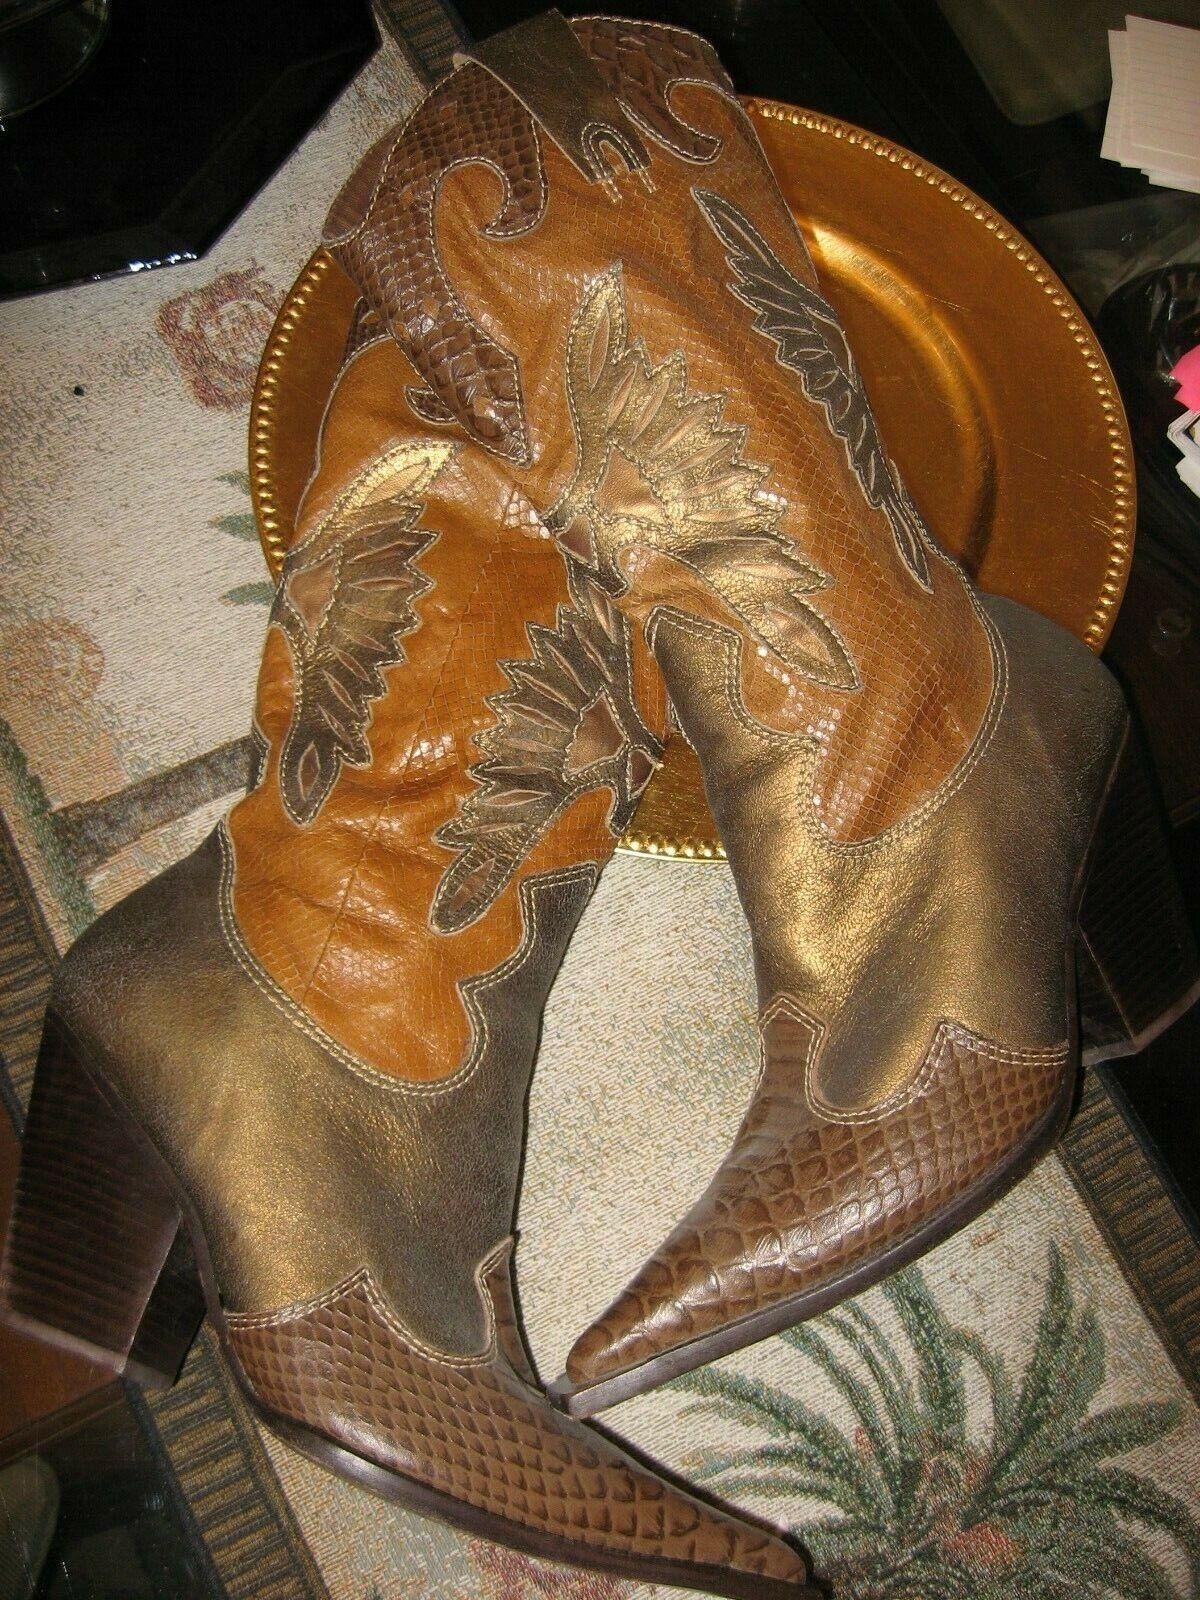 Para Raio botas,  Western Mujer, marrón con ribete Python, Cuero, Excelente condición usada, 9M  más descuento